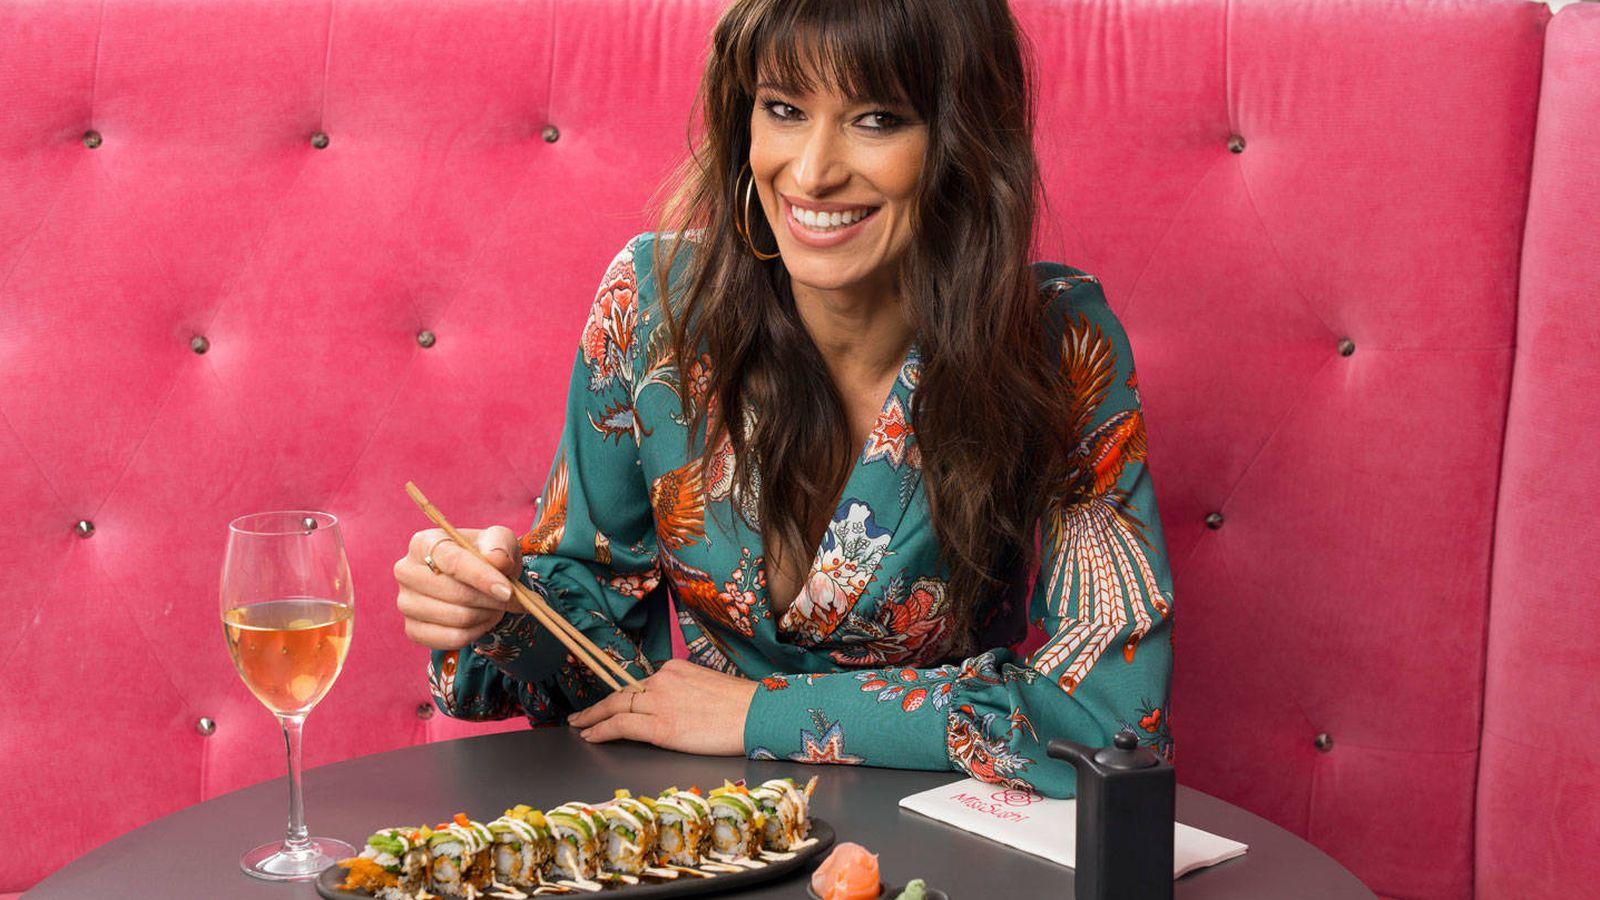 Foto: Sonia Ferrer durante la sesión fotográfica en Miss Sushi para Vanitatis. (Foto: Daniel Sánchez Alonso)